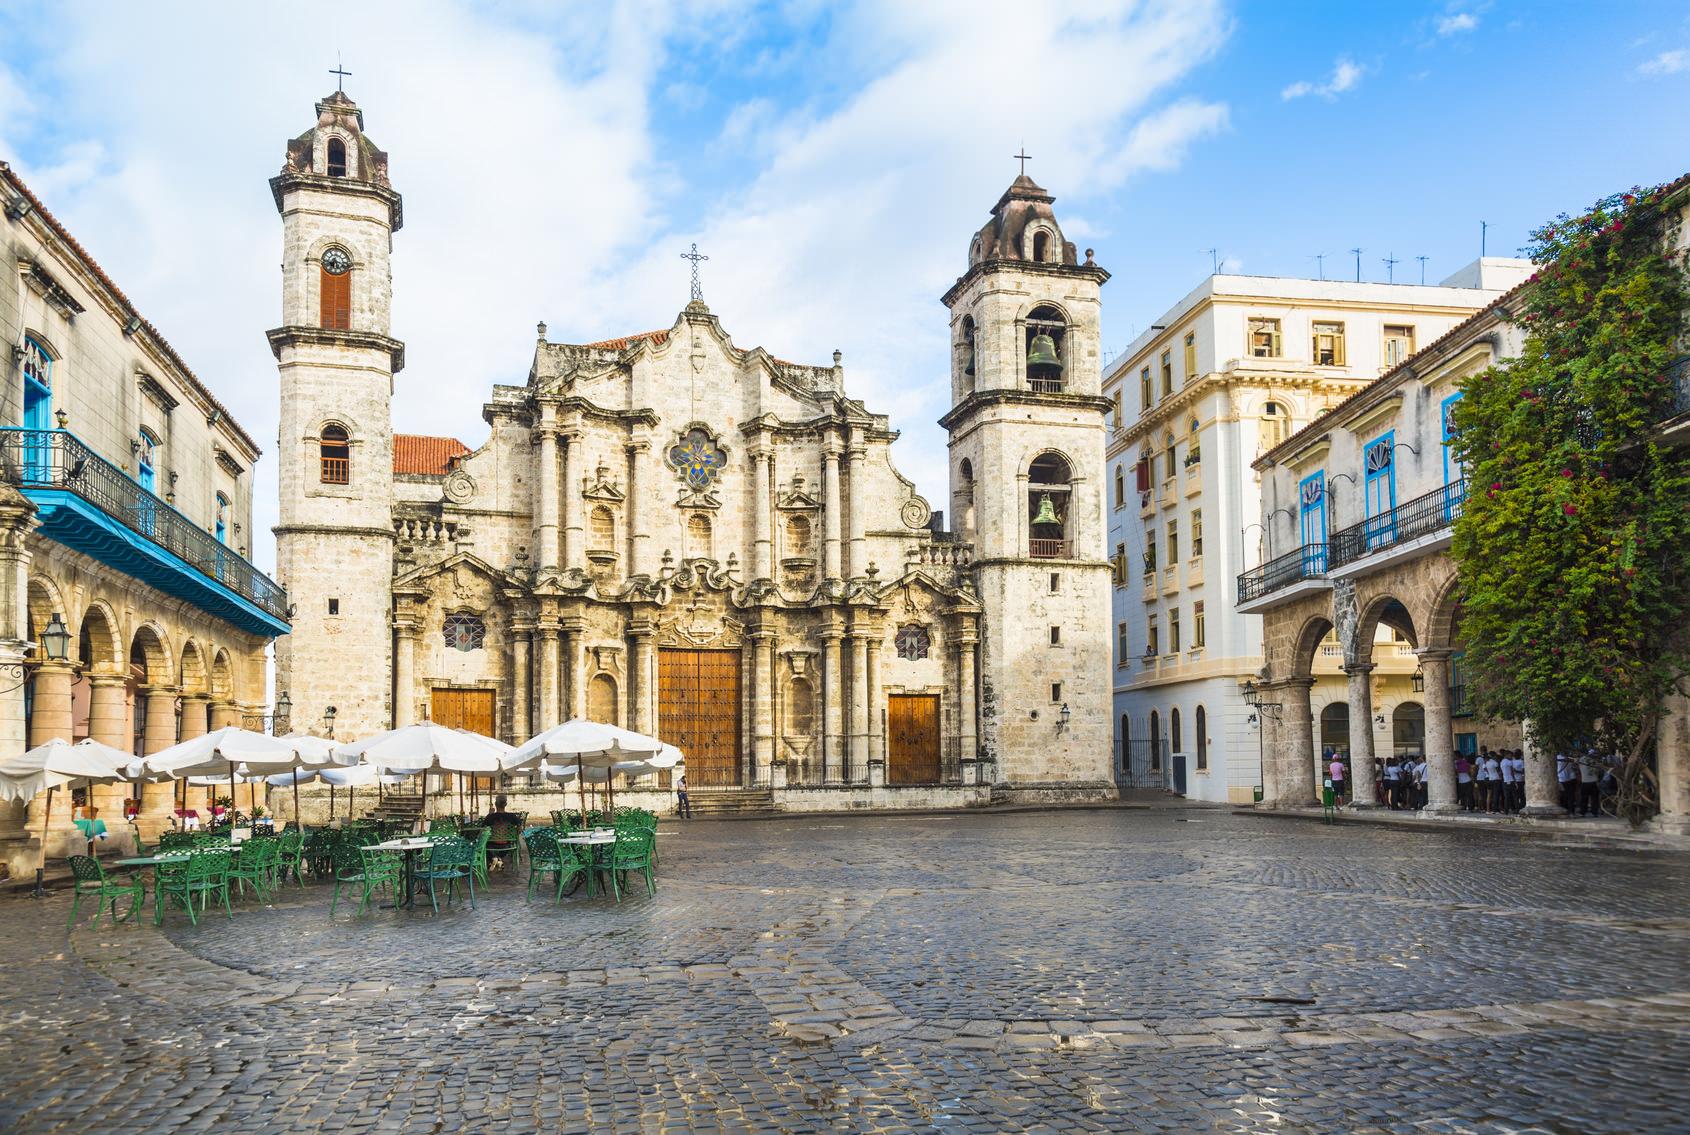 Havana - Le migliori location da fotografare a Cuba